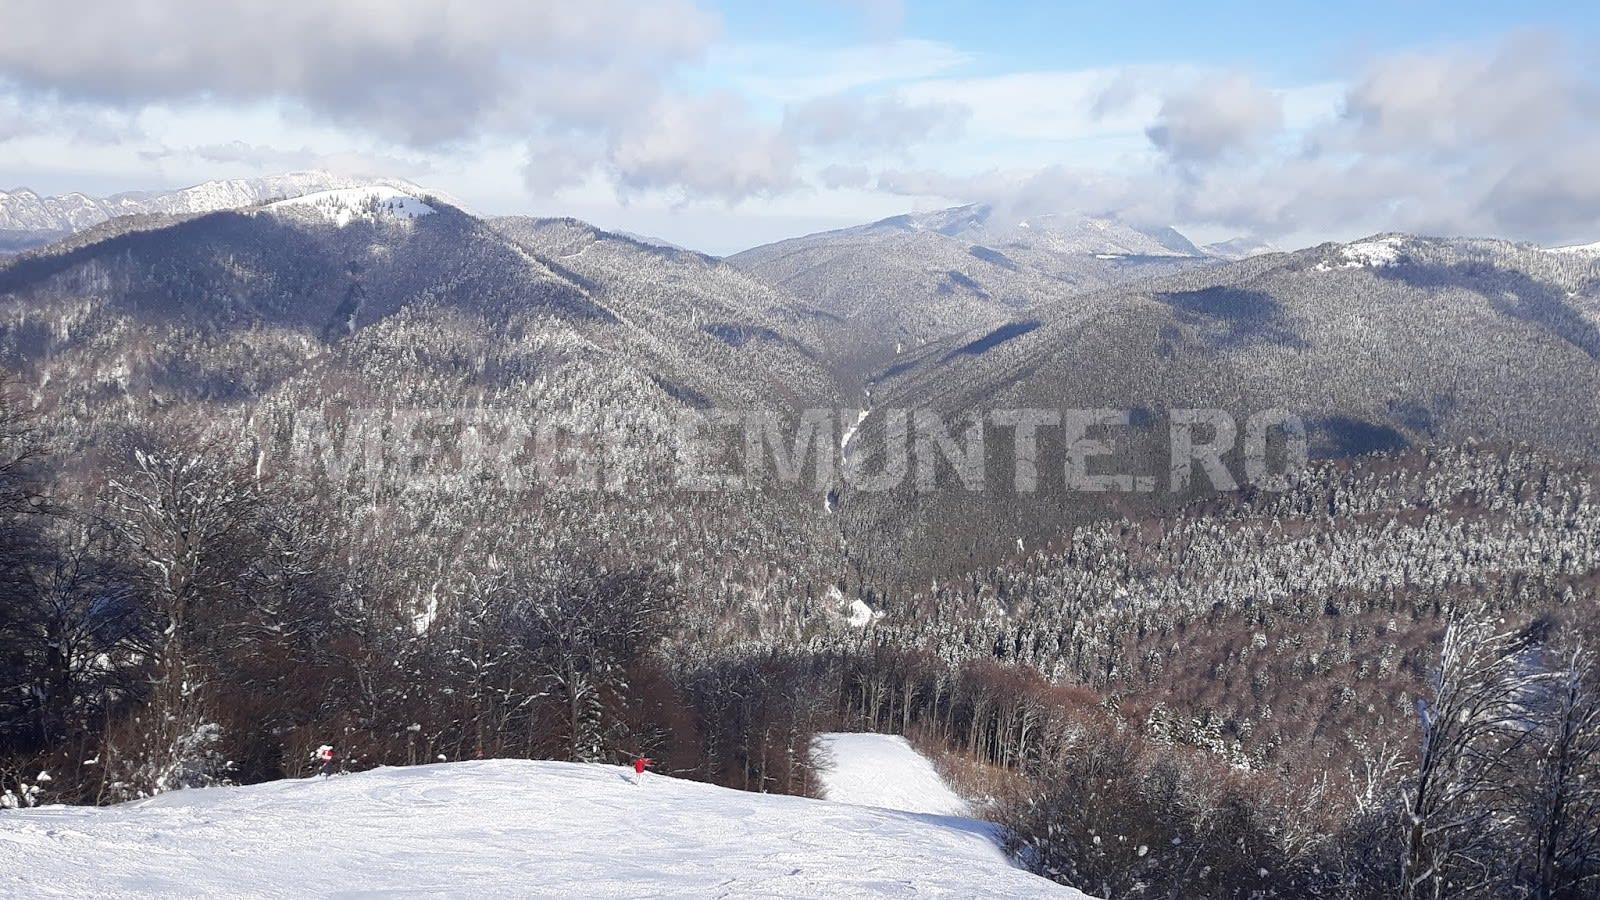 Snowboard Azuga 2019 - Partia Sorica